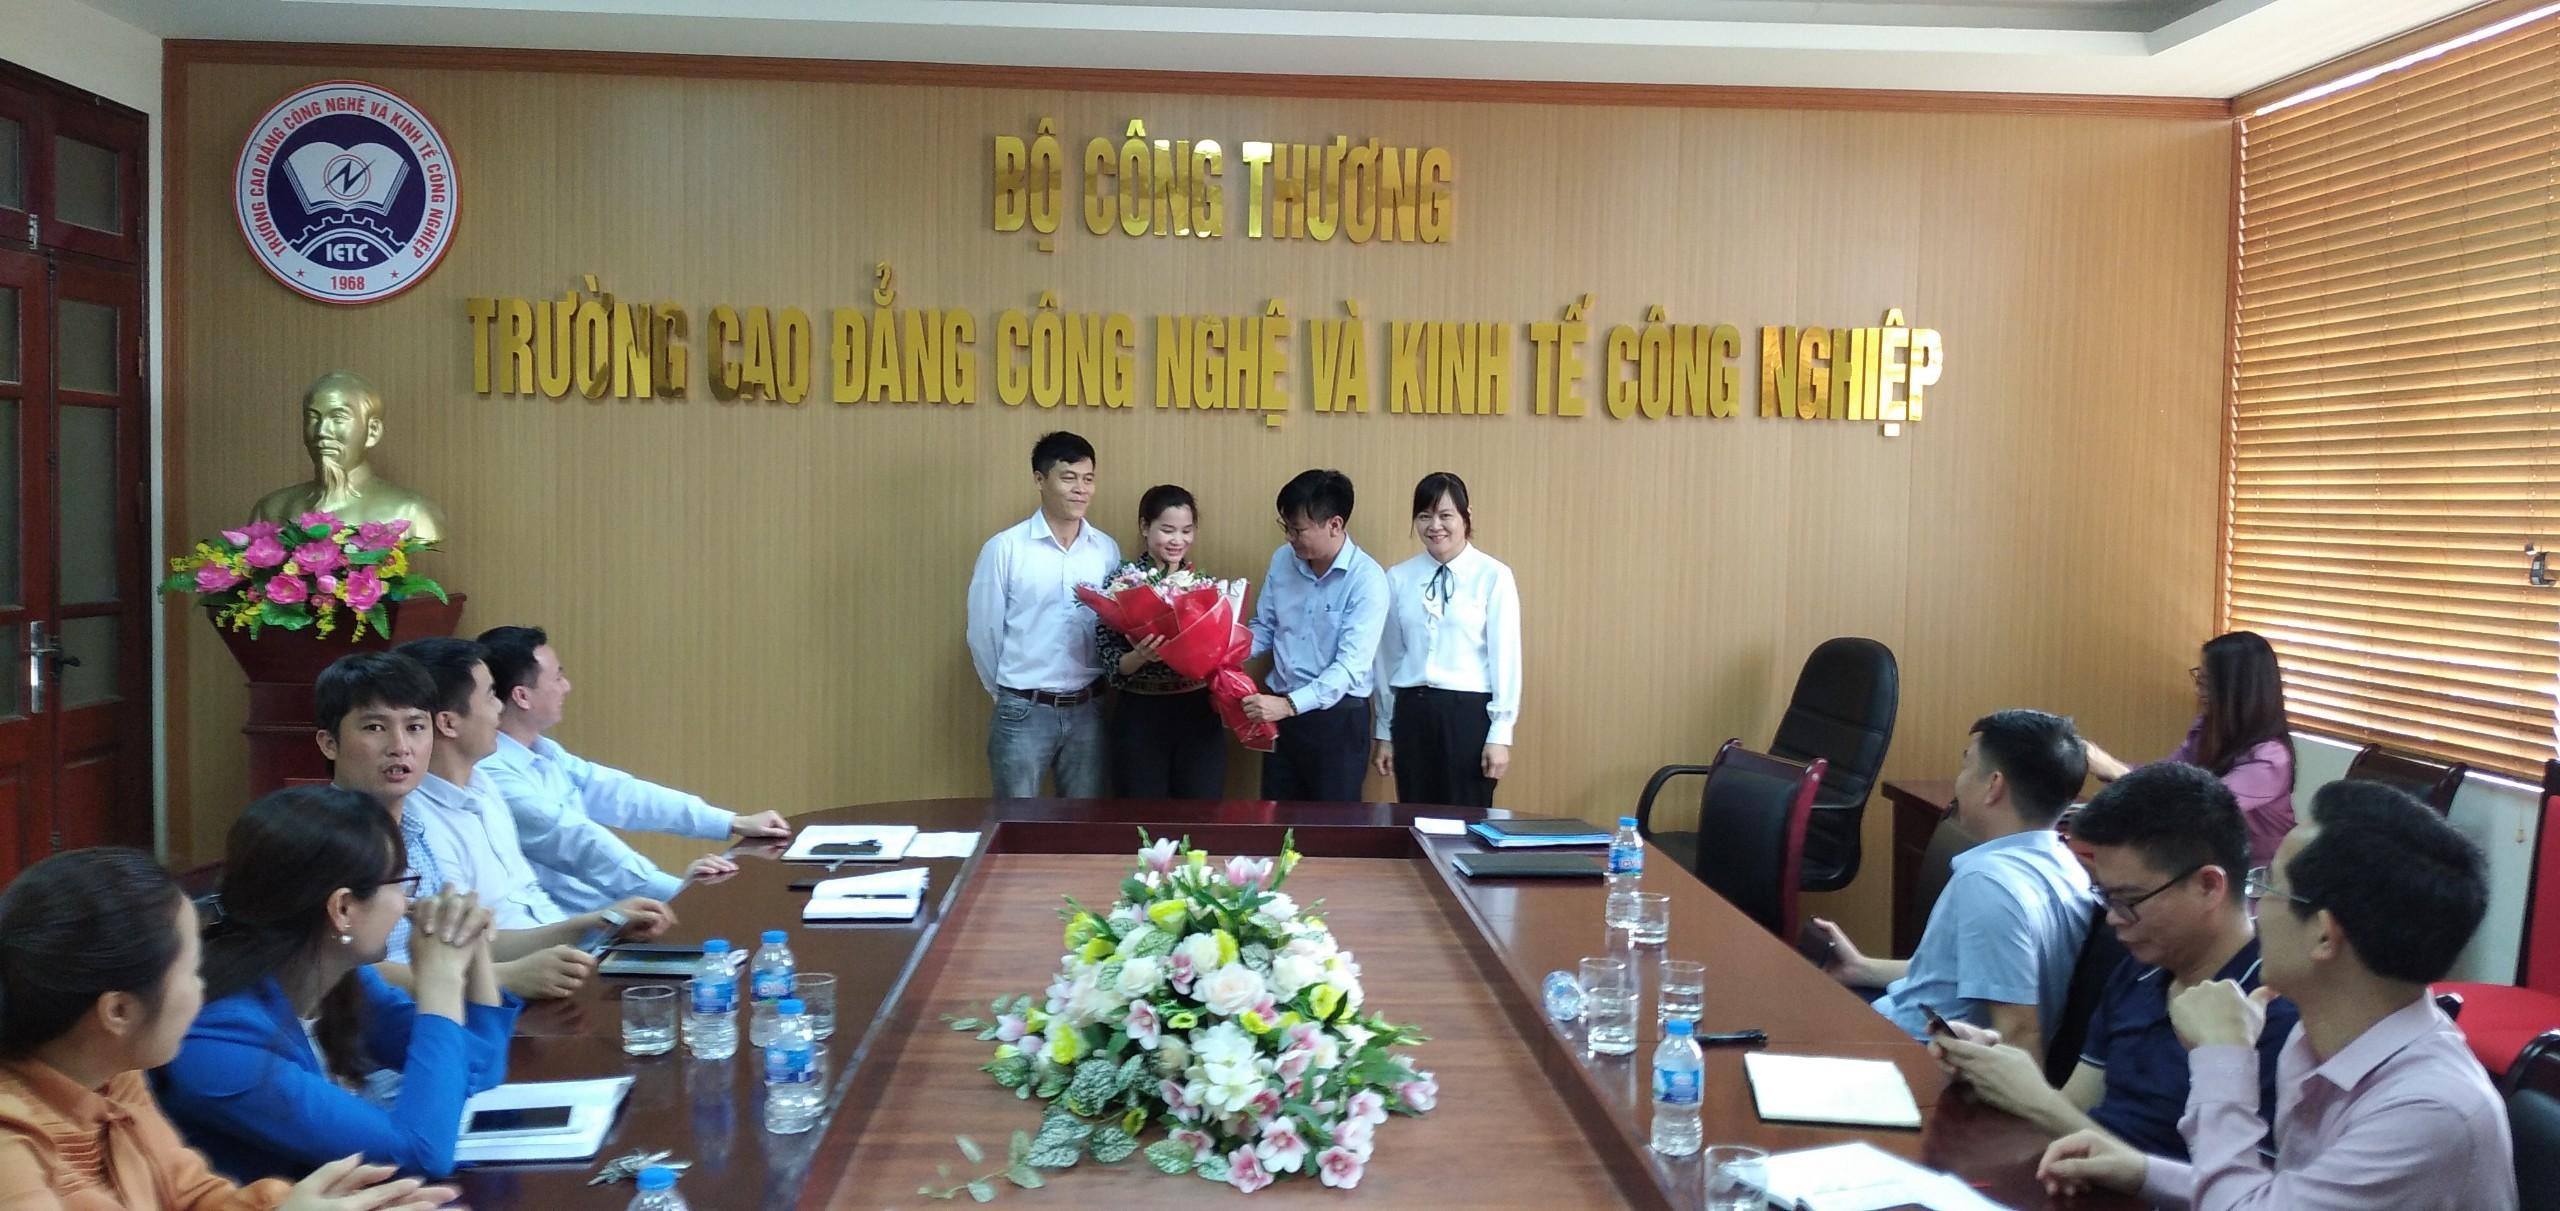 IETC Gặp mặt cán bộ, giáo viên thể chất nhân dịp kỷ niệm 75 năm Ngày Thể thao Việt Nam.